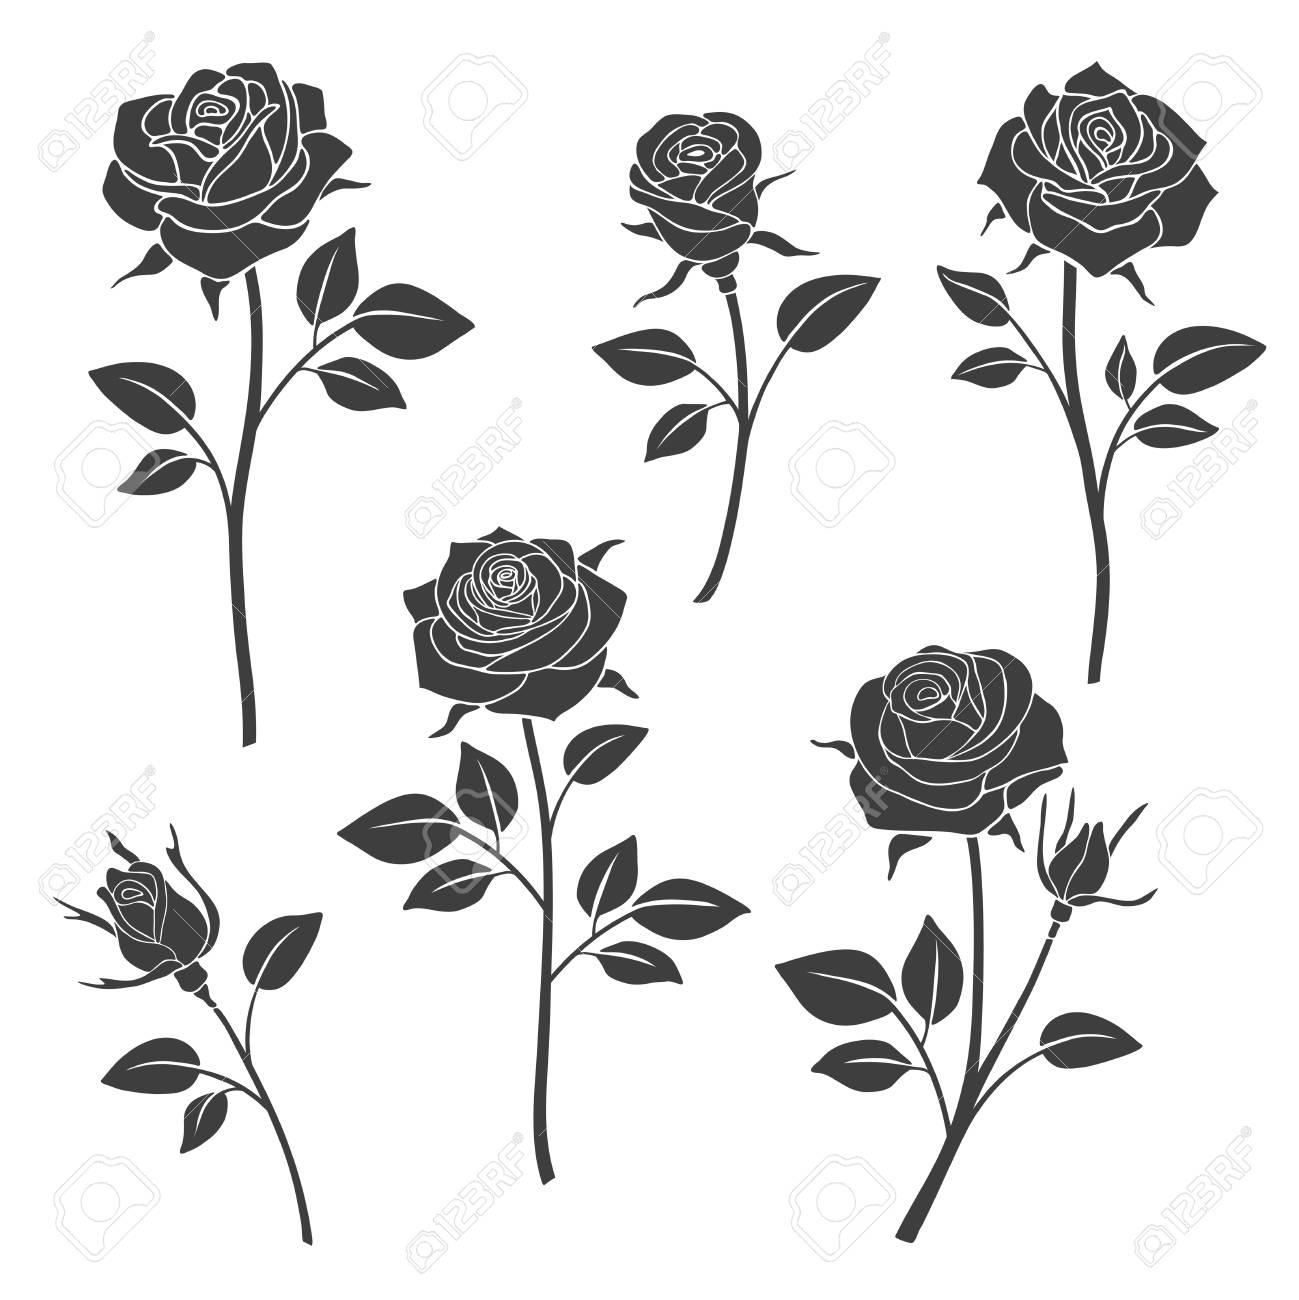 バラの蕾のベクトル シルエット花のデザイン要素白黒薔薇タトゥーの